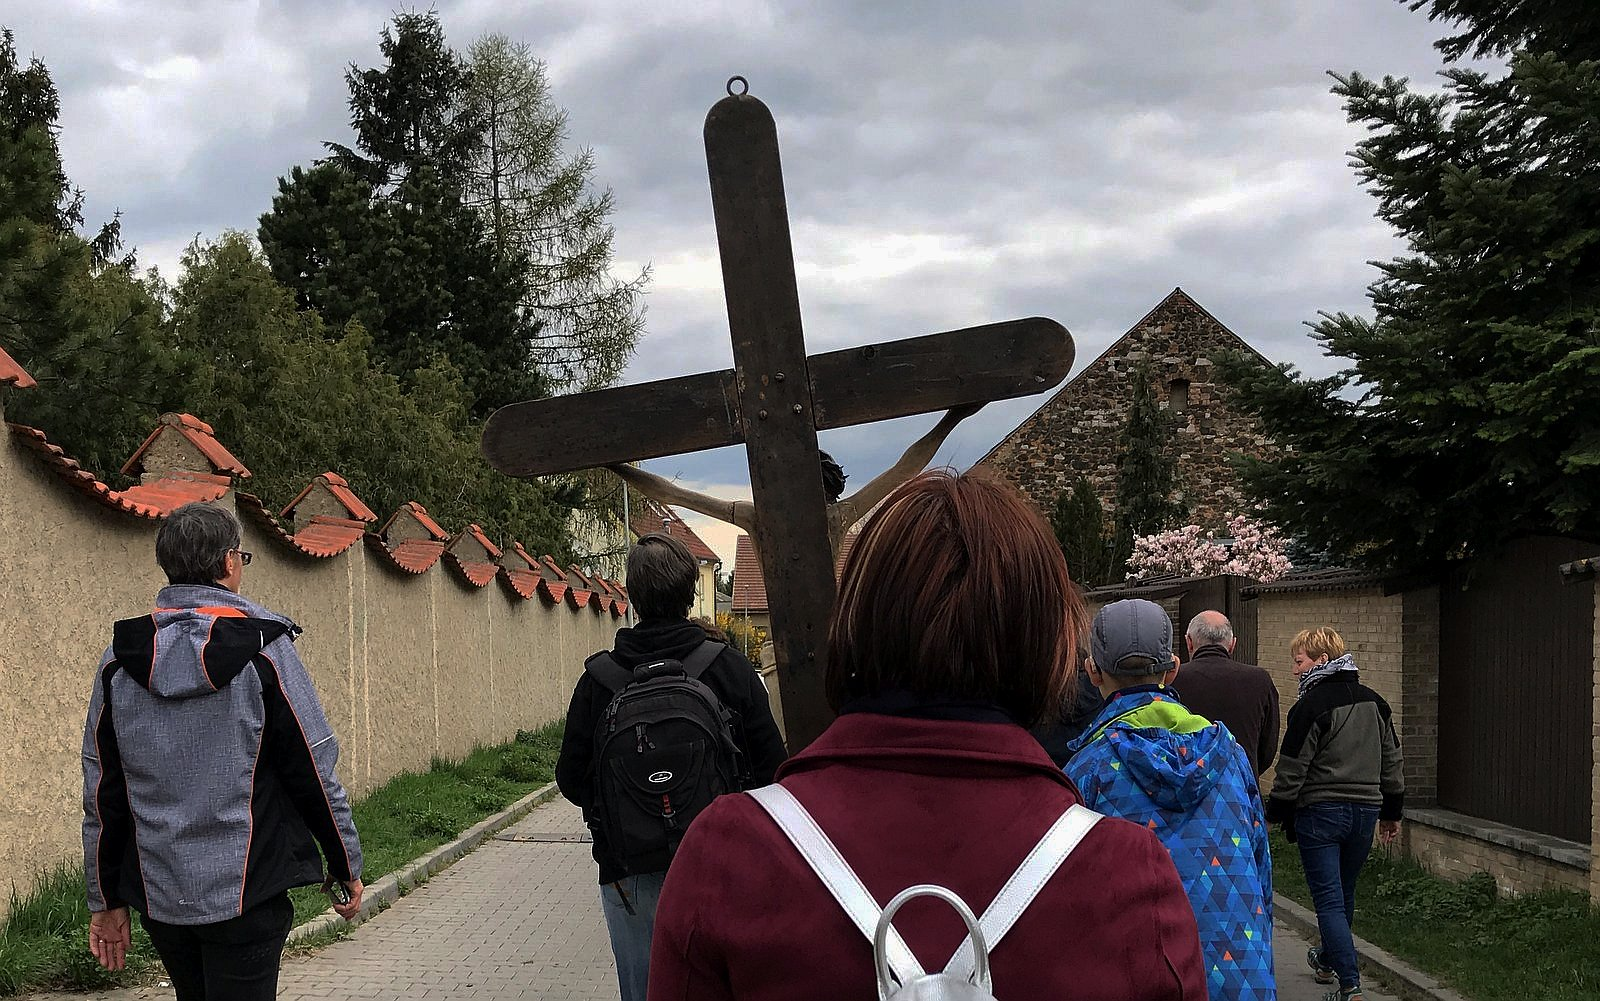 kříž, lidé, průvod, ulice / -ima-